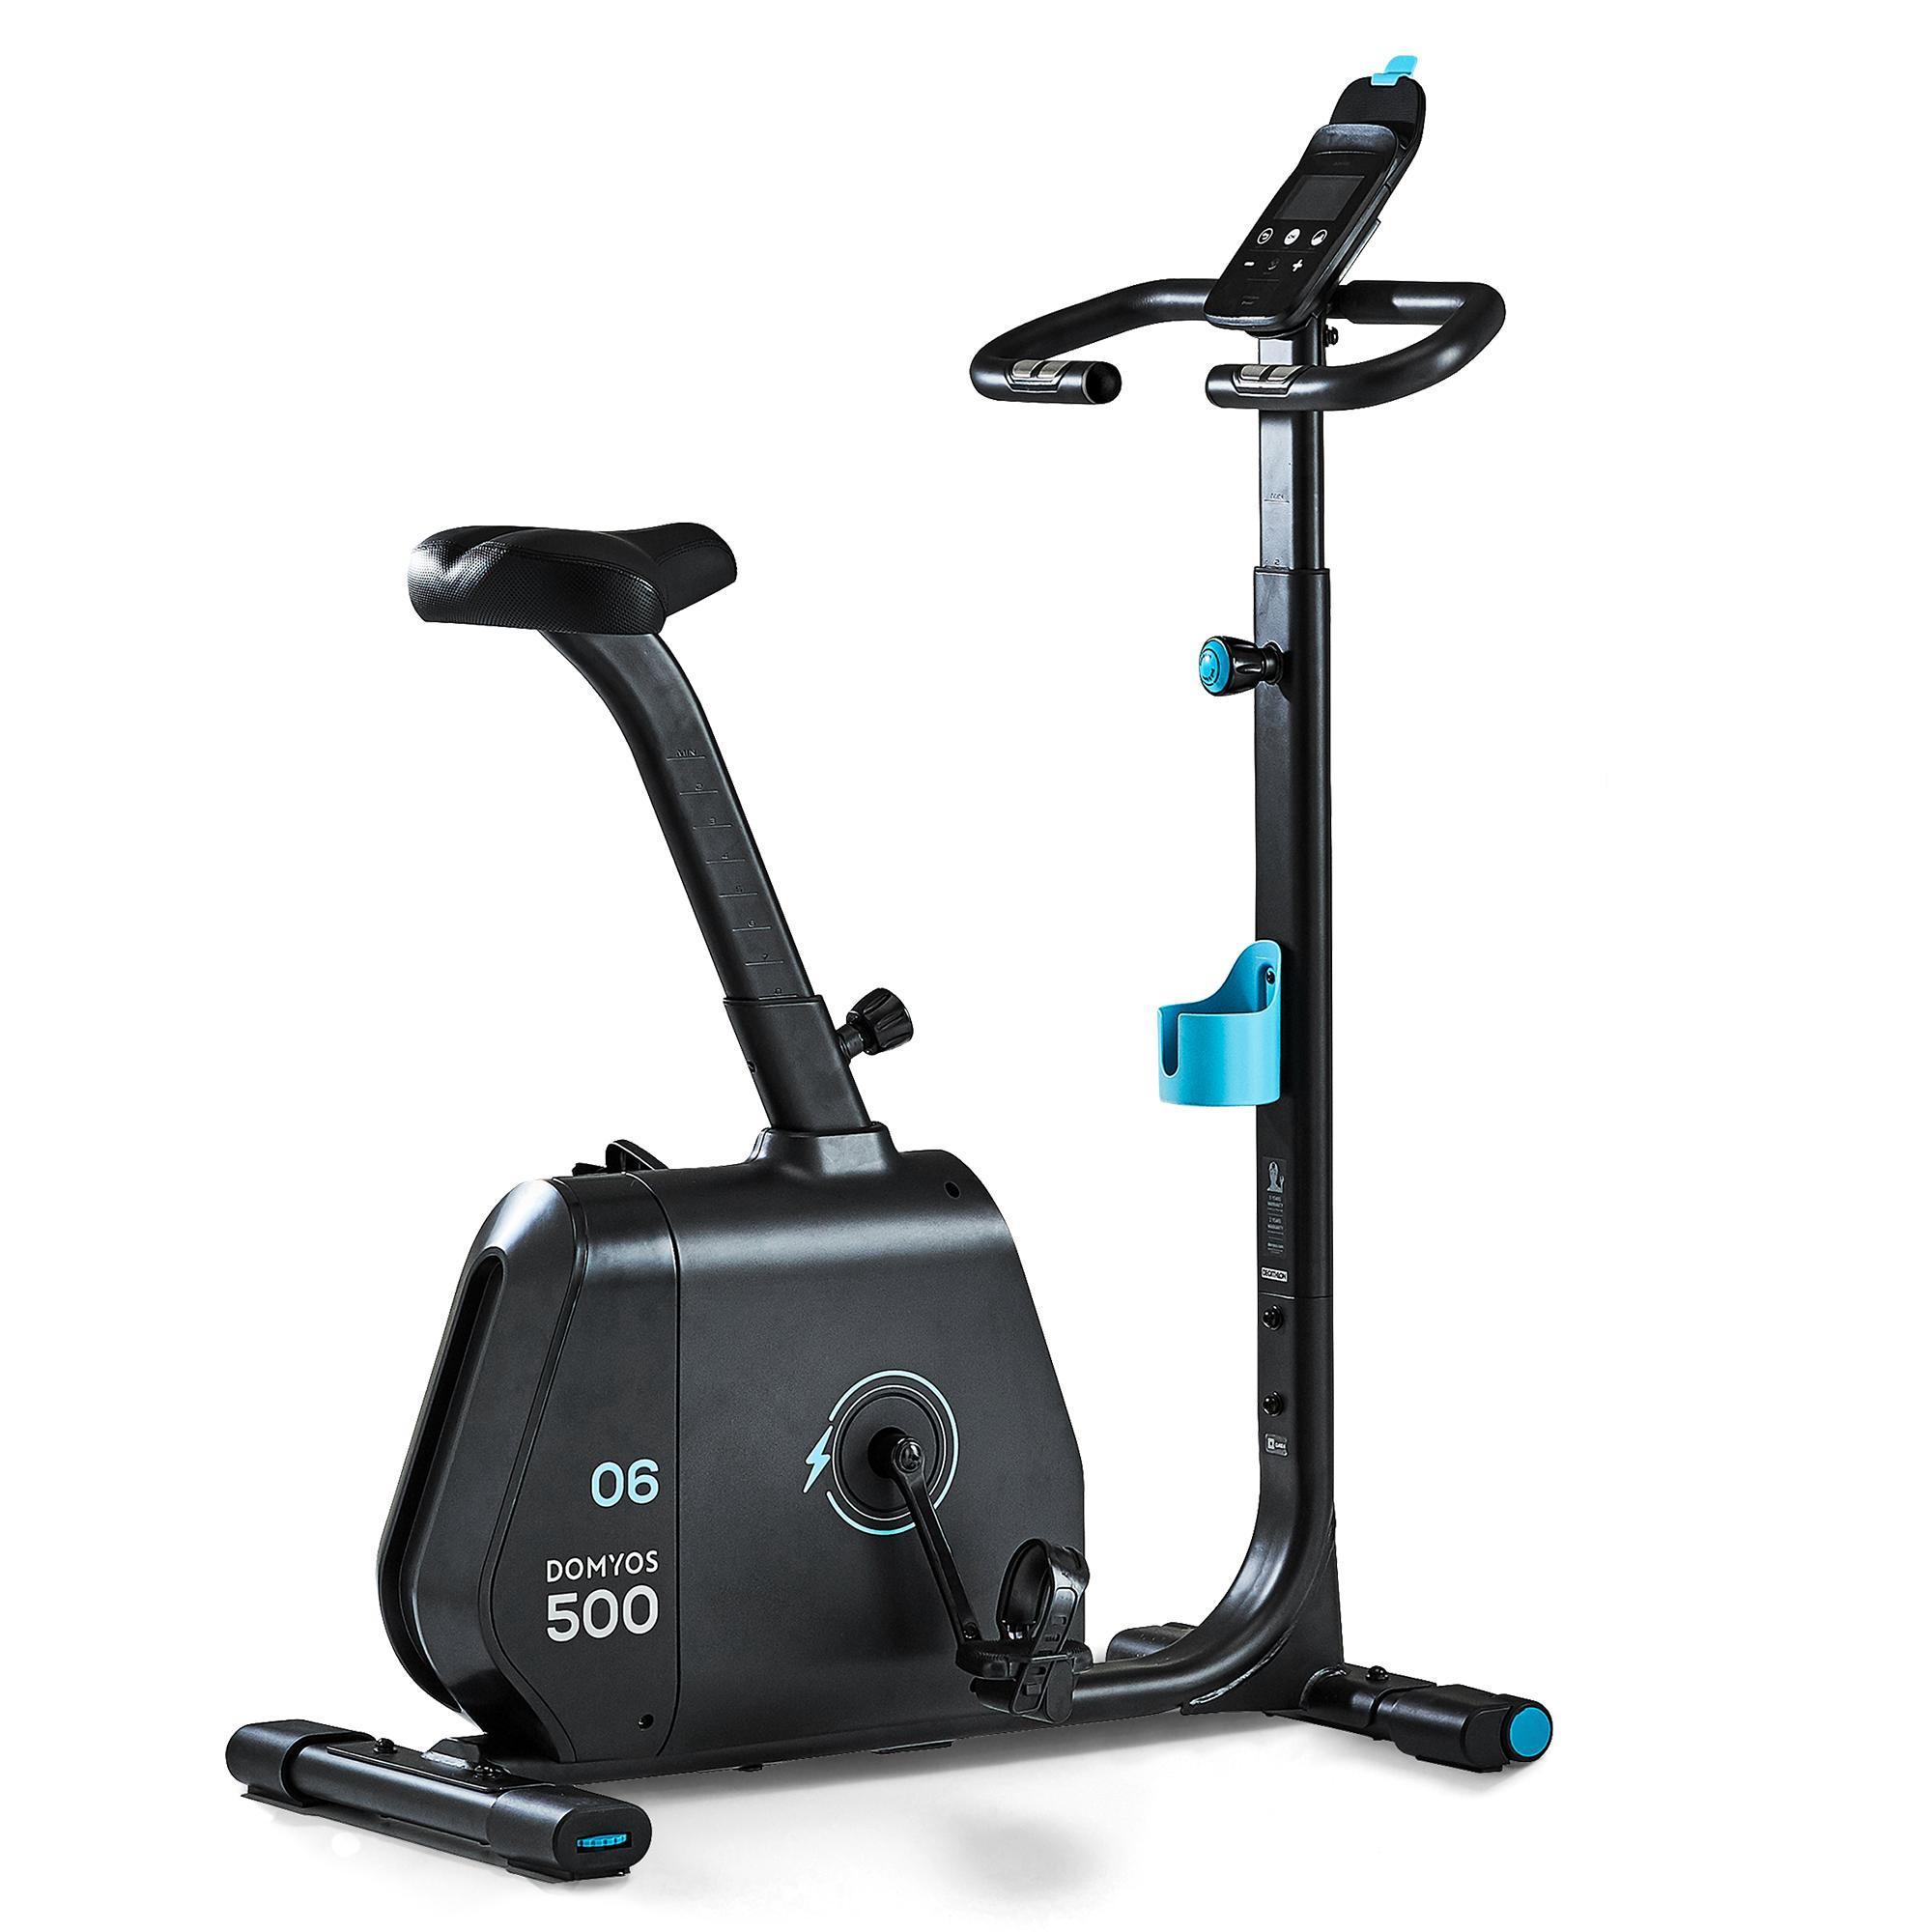 Domyos Hometrainer Bike 500, draadloos, vliegwiel van 6kg